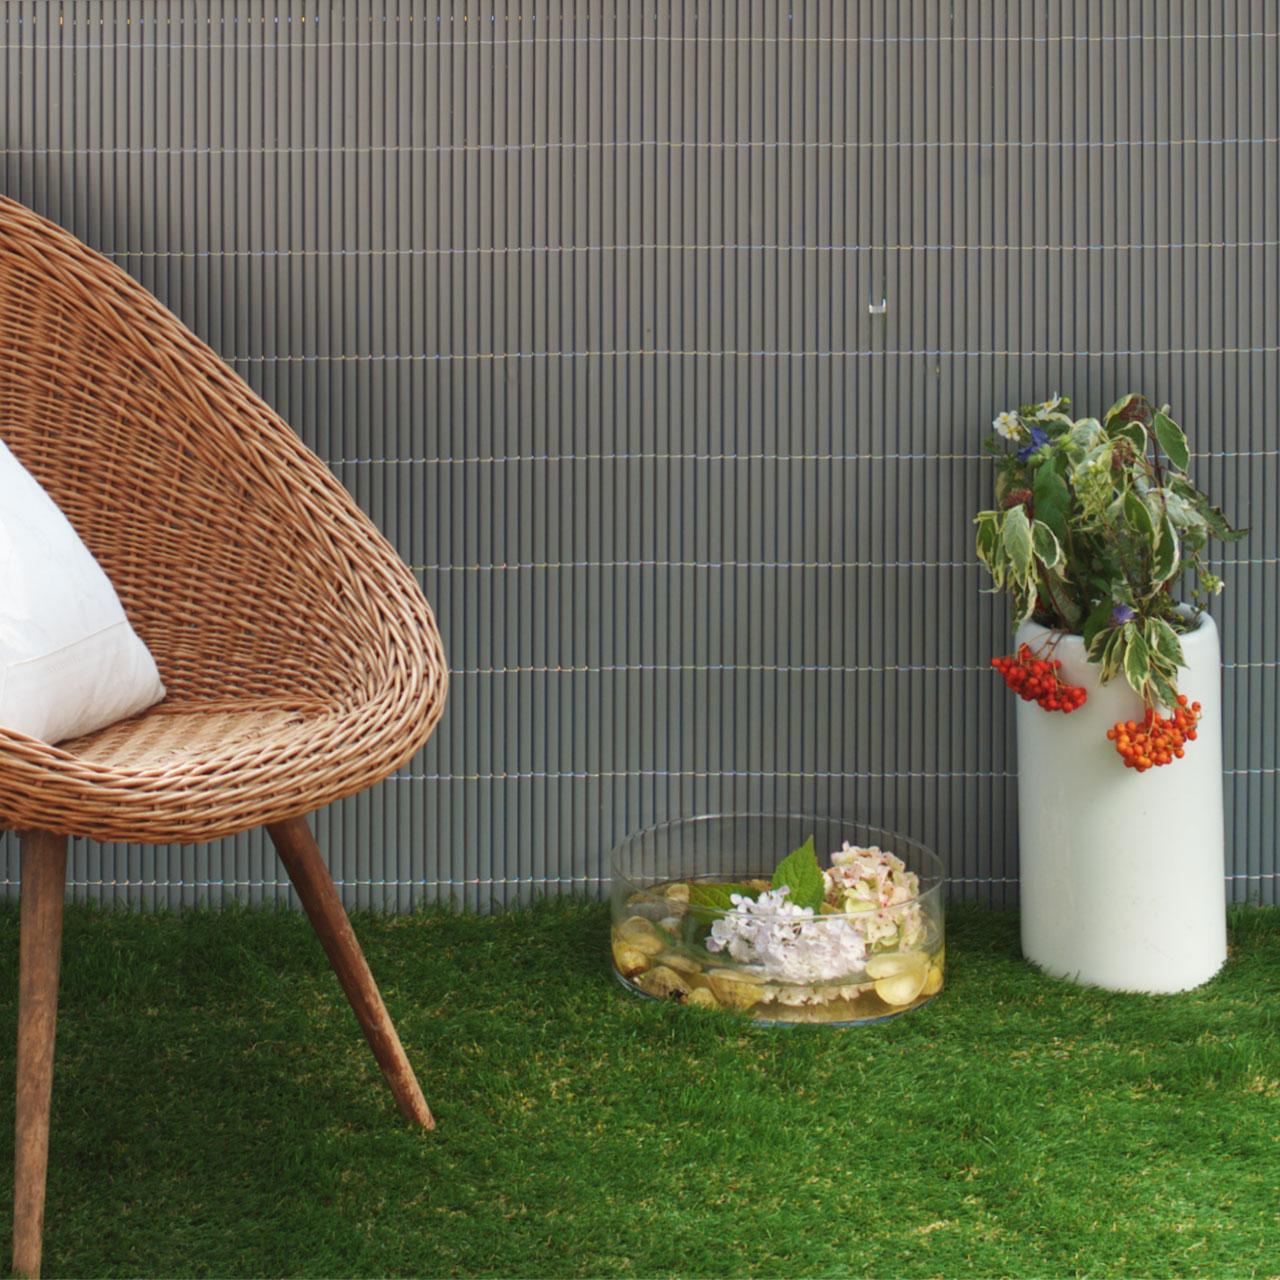 kunstrasen f r balkon dachterrasse. Black Bedroom Furniture Sets. Home Design Ideas